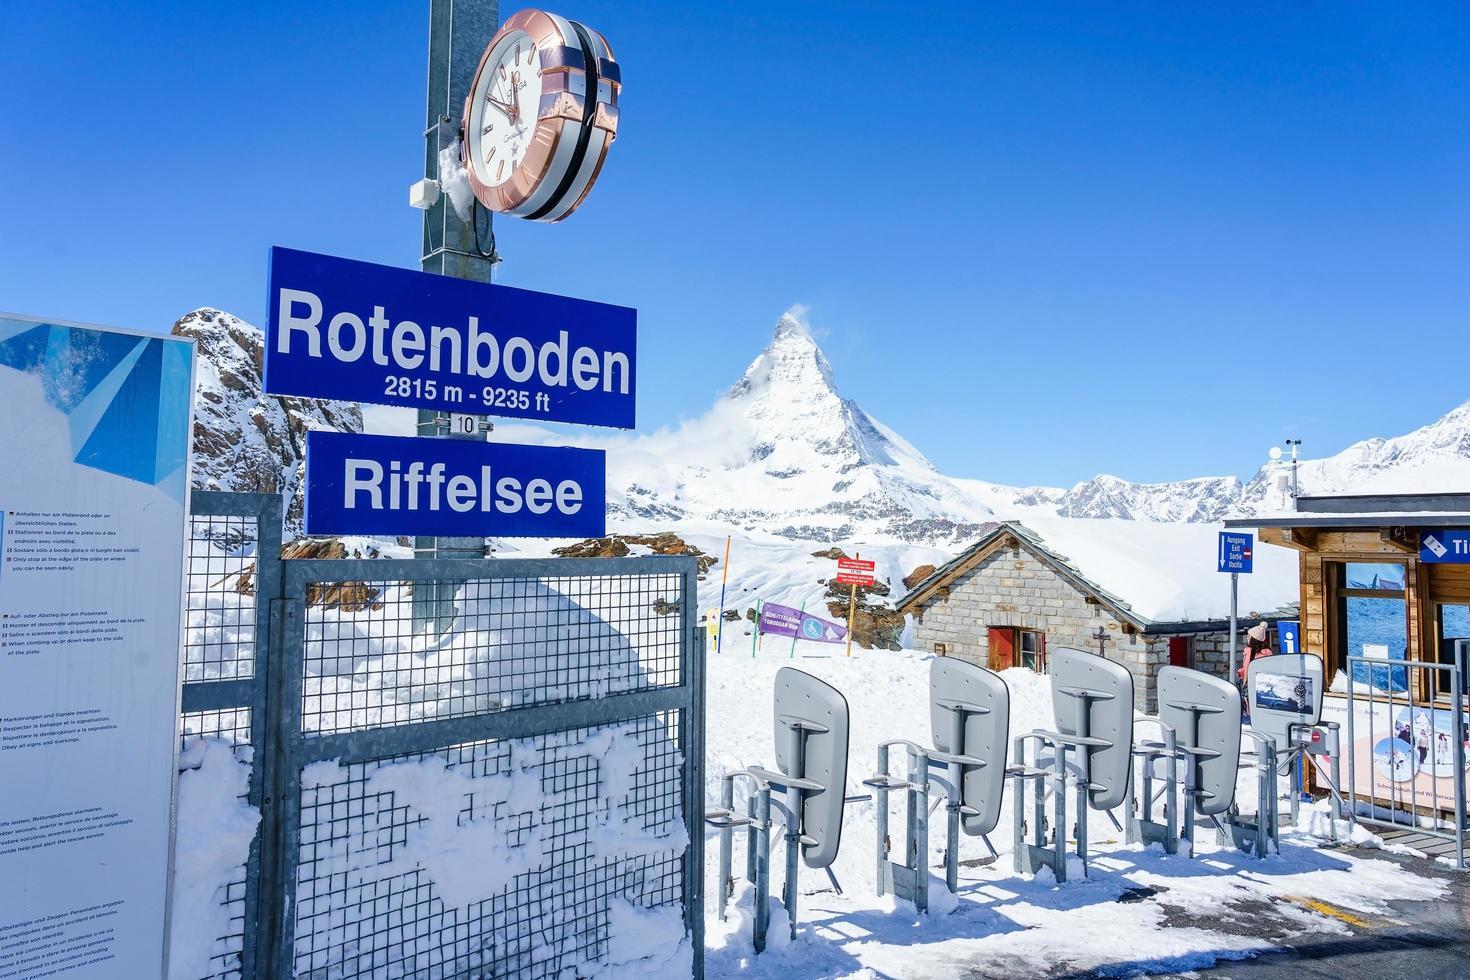 Estación rotenboden en Zermatt, Suiza, 2018 foto